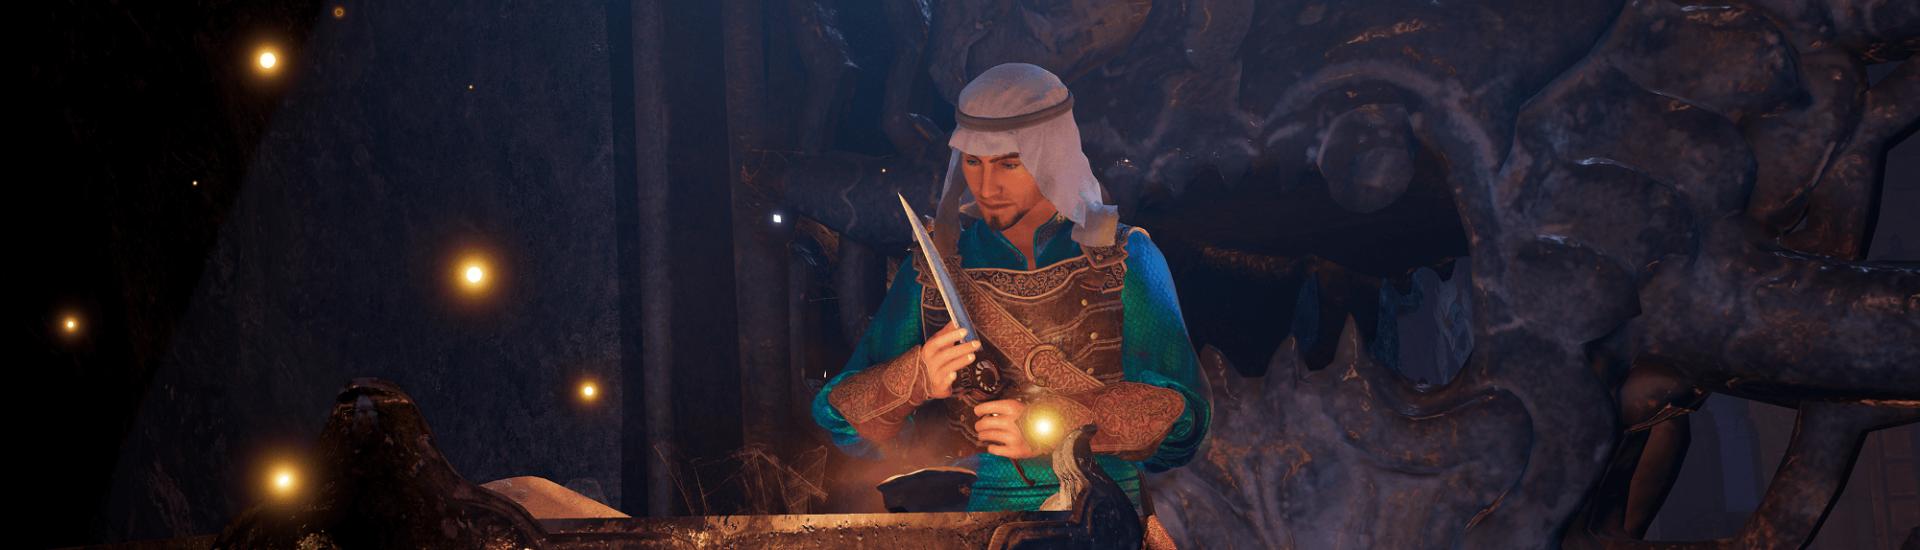 Prince of Persia: Remake verschiebt sich, Fans hoffen auf bessere Grafik